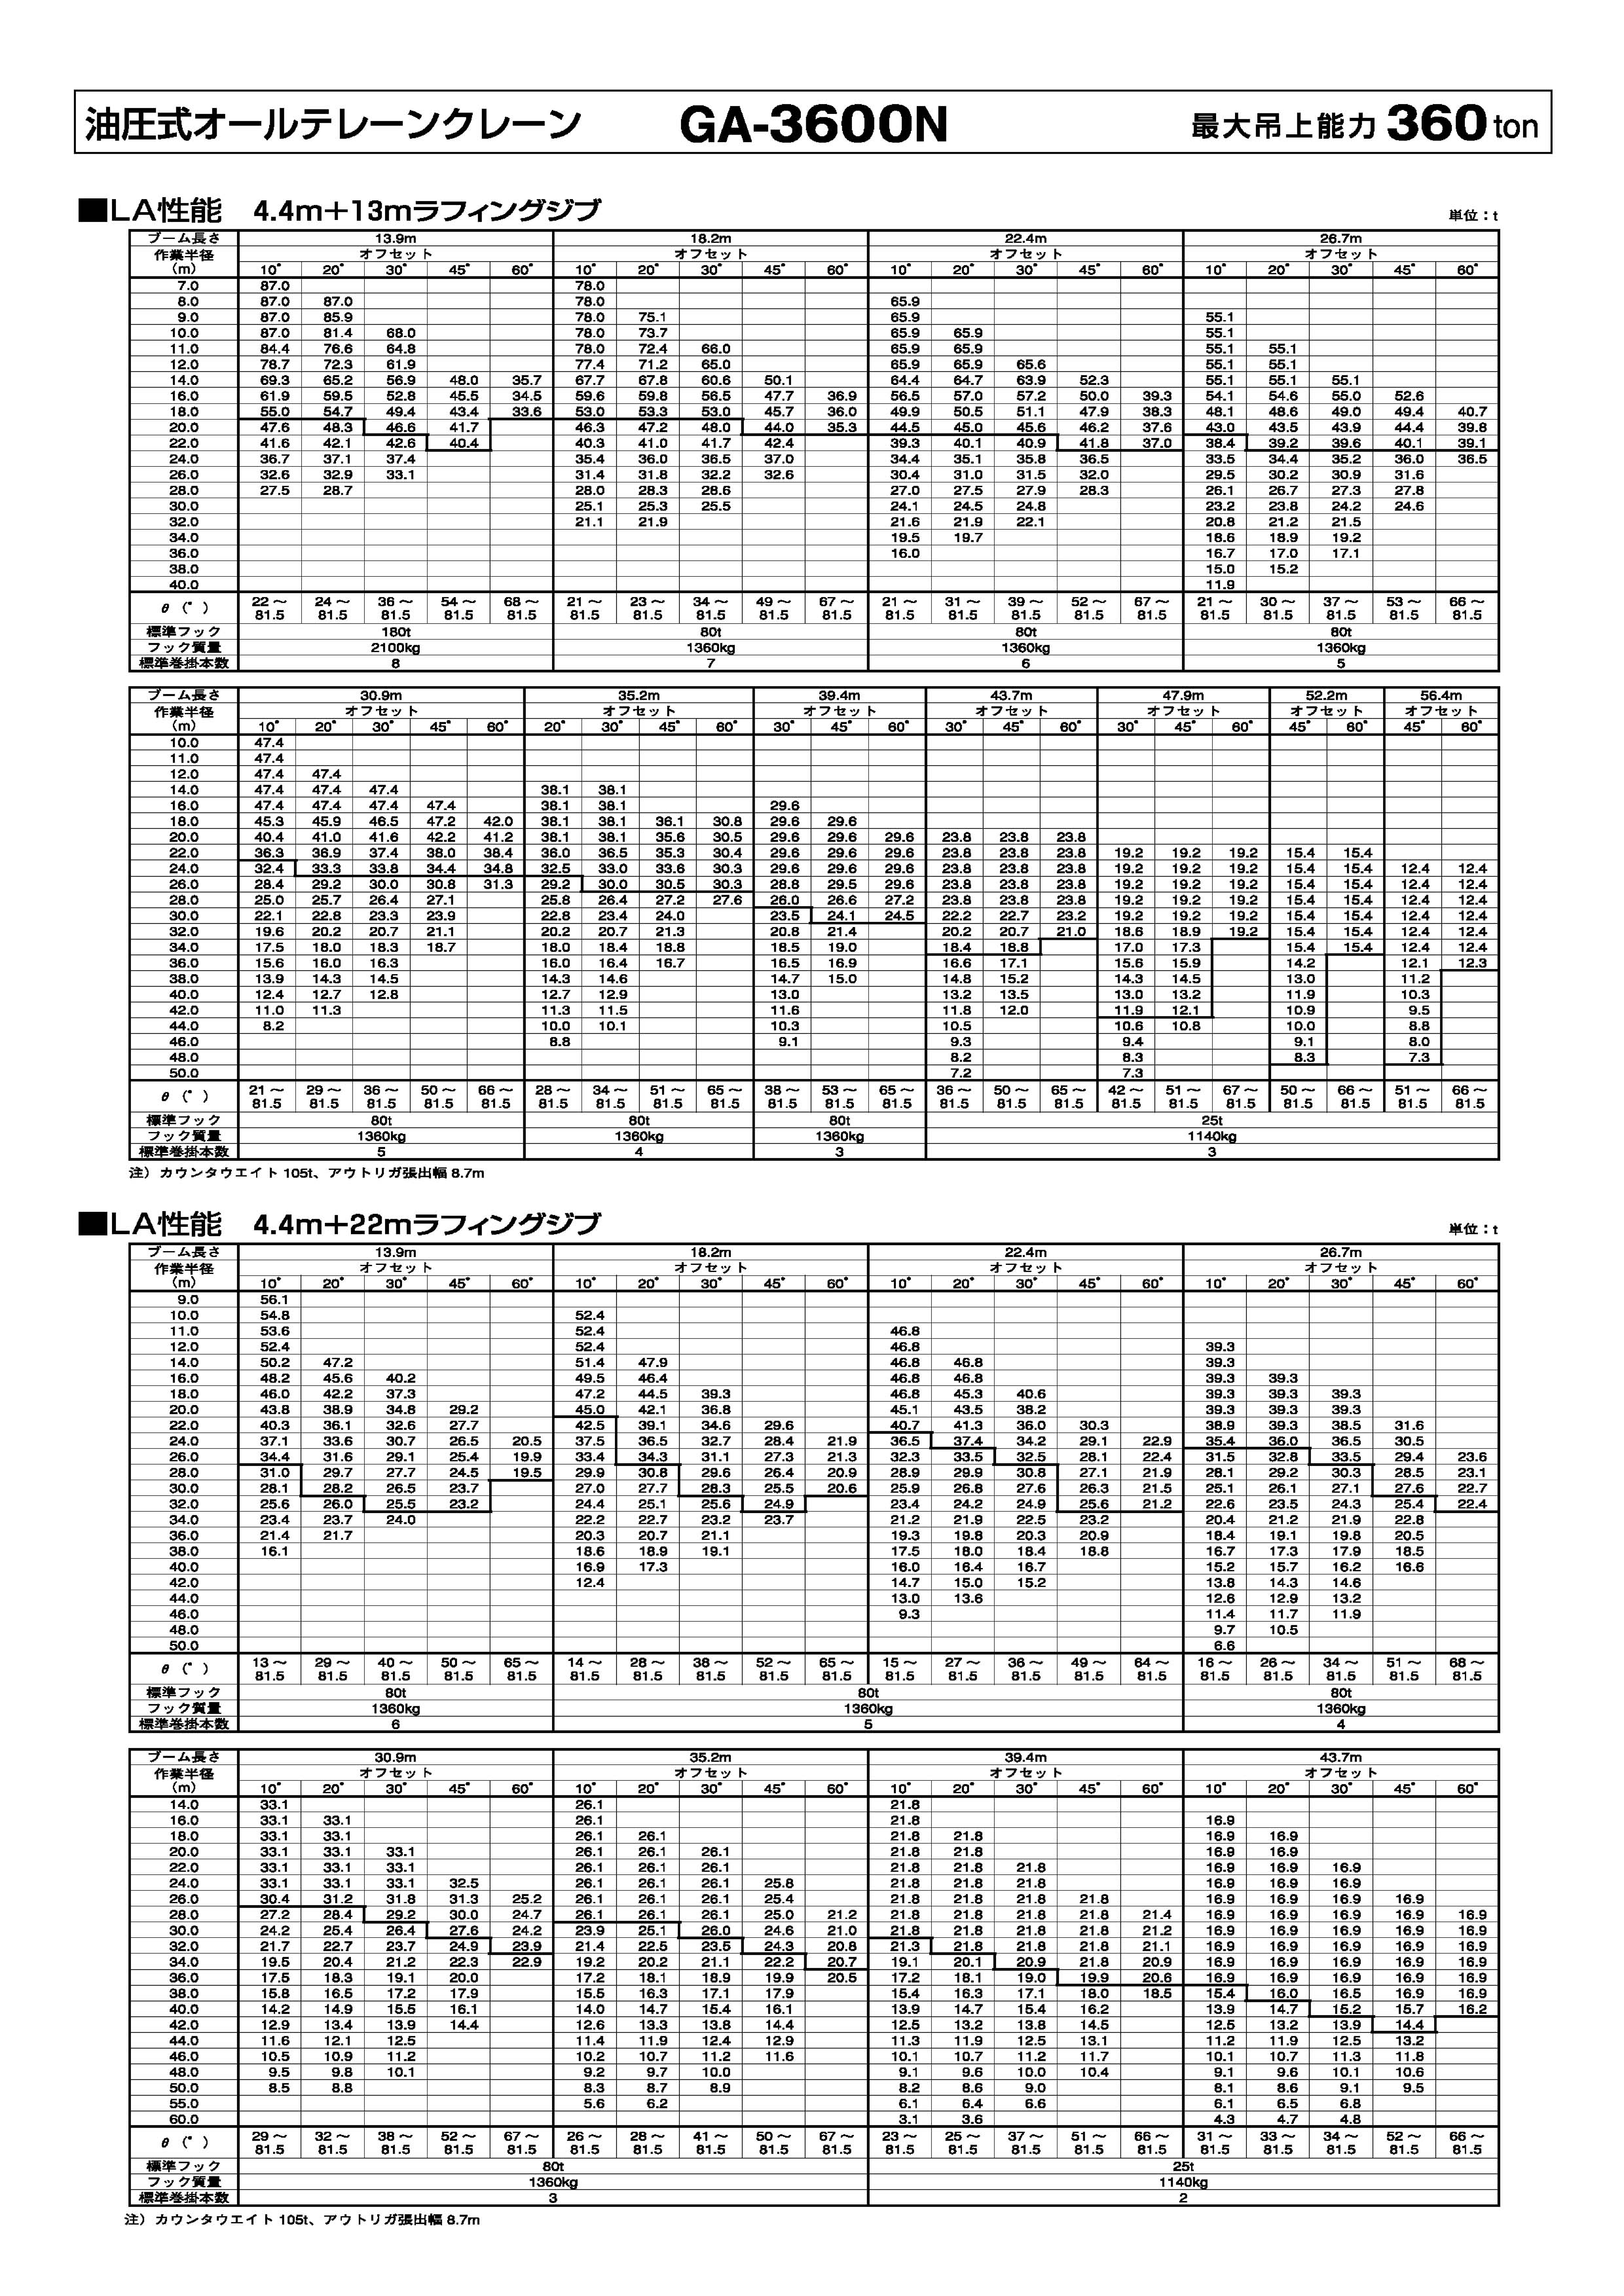 清水工業株式会社 クレーン性能表